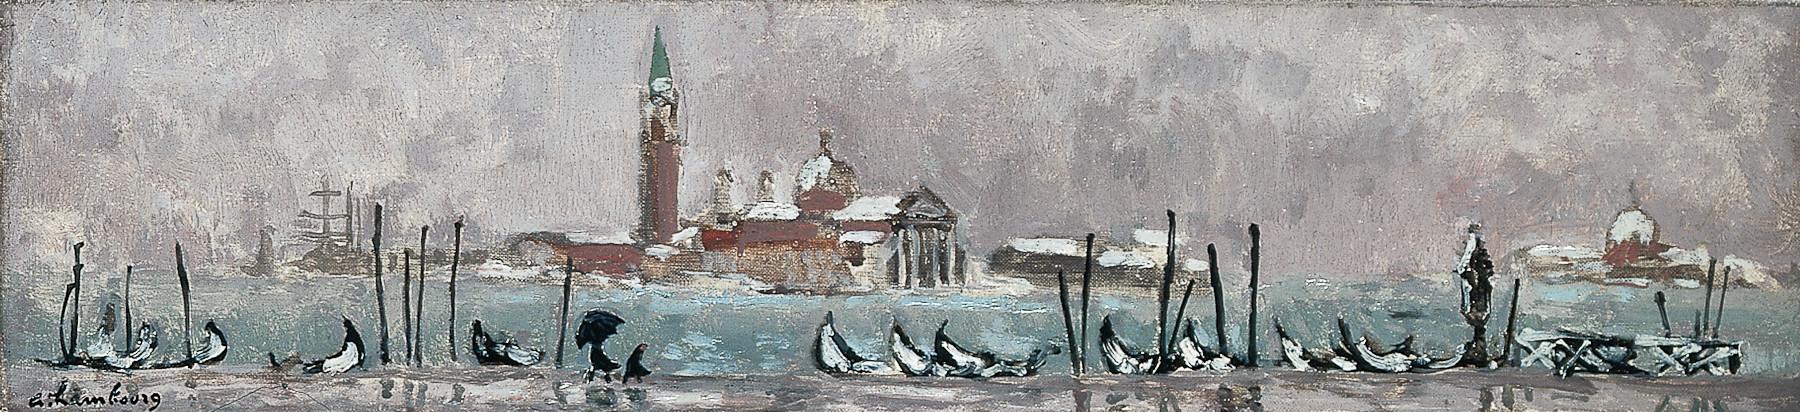 «Neige à Venise ou les gondoles sous la neige» 1958, 12cmx50cm,VE17